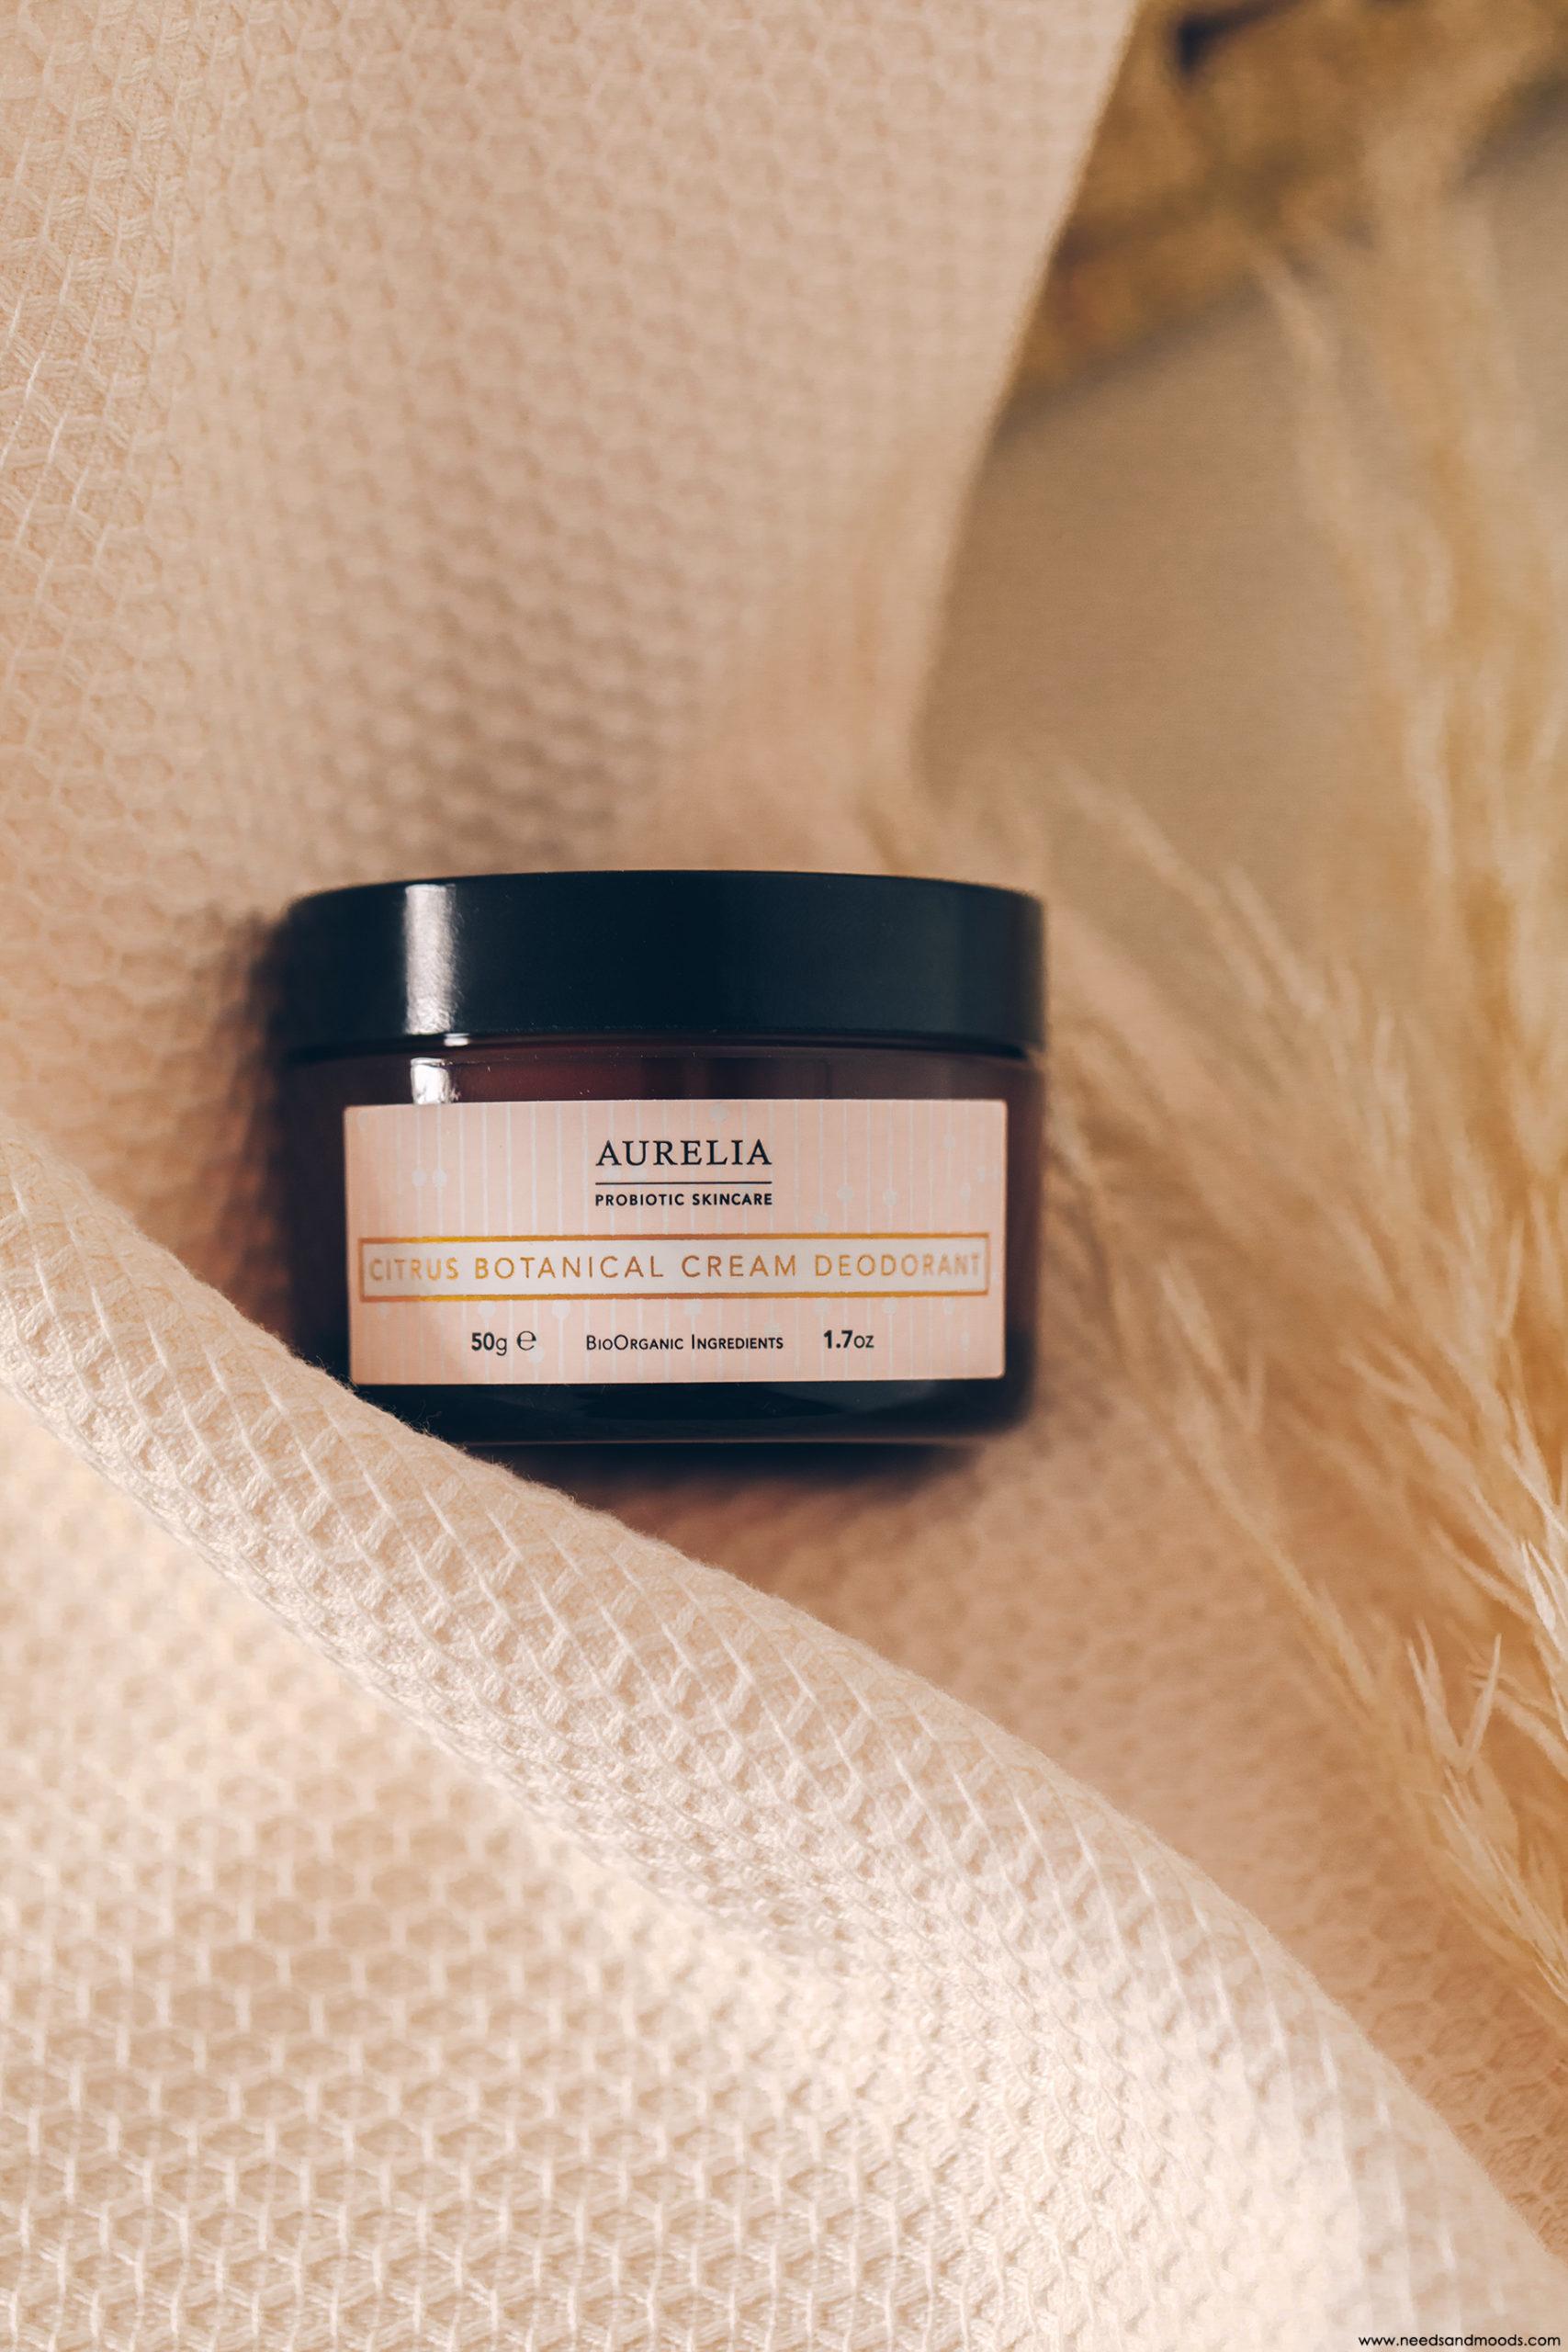 aurelia probiotic citrus botanical cream deodorant